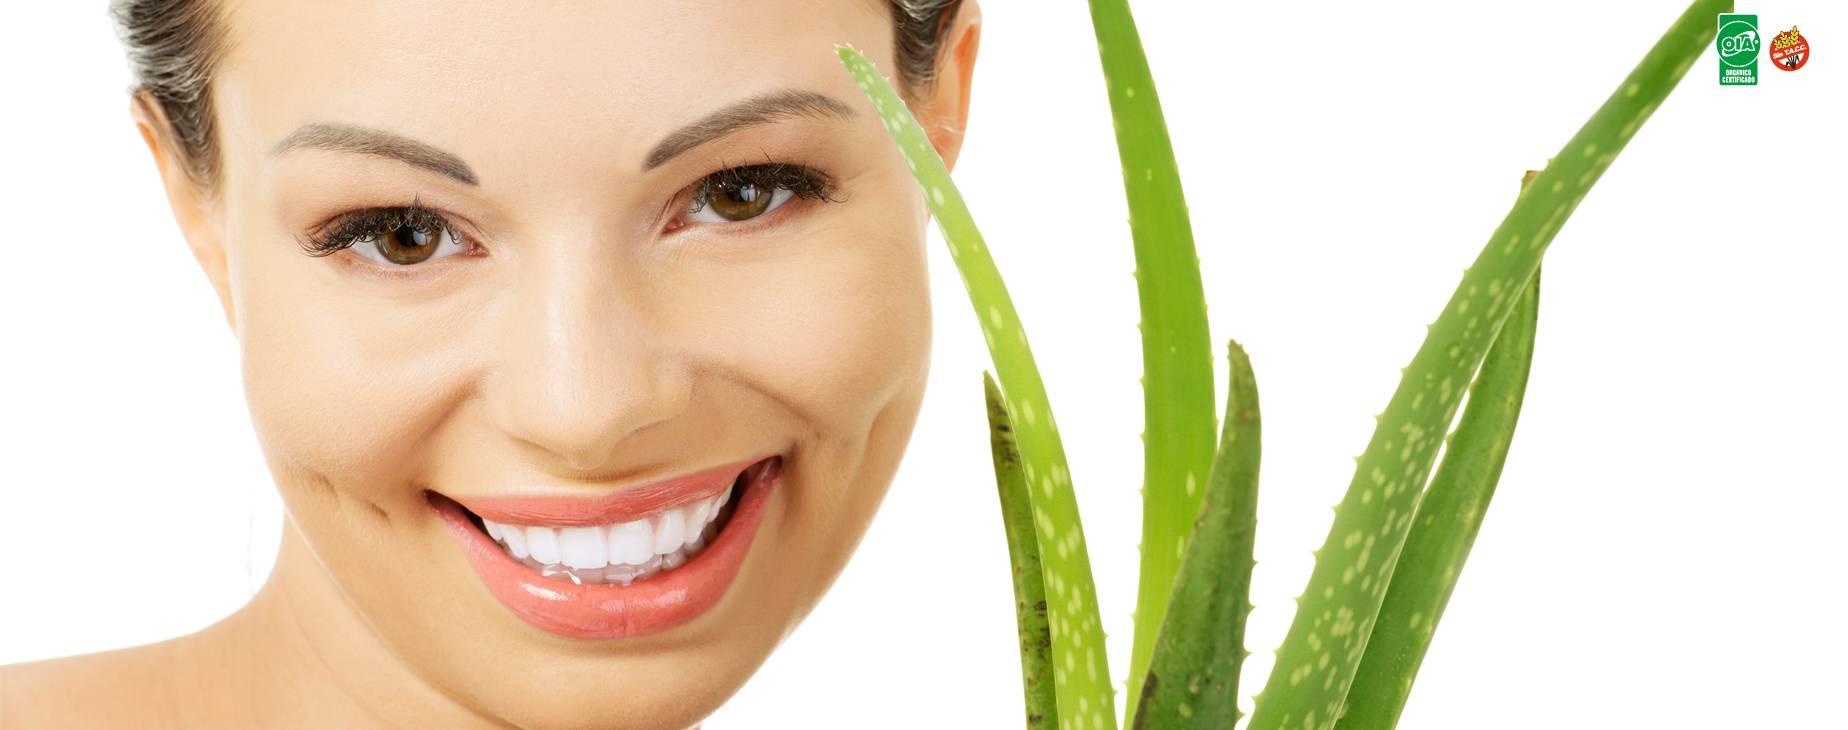 Consejos para mantener la piel nutrida y sin arrugas